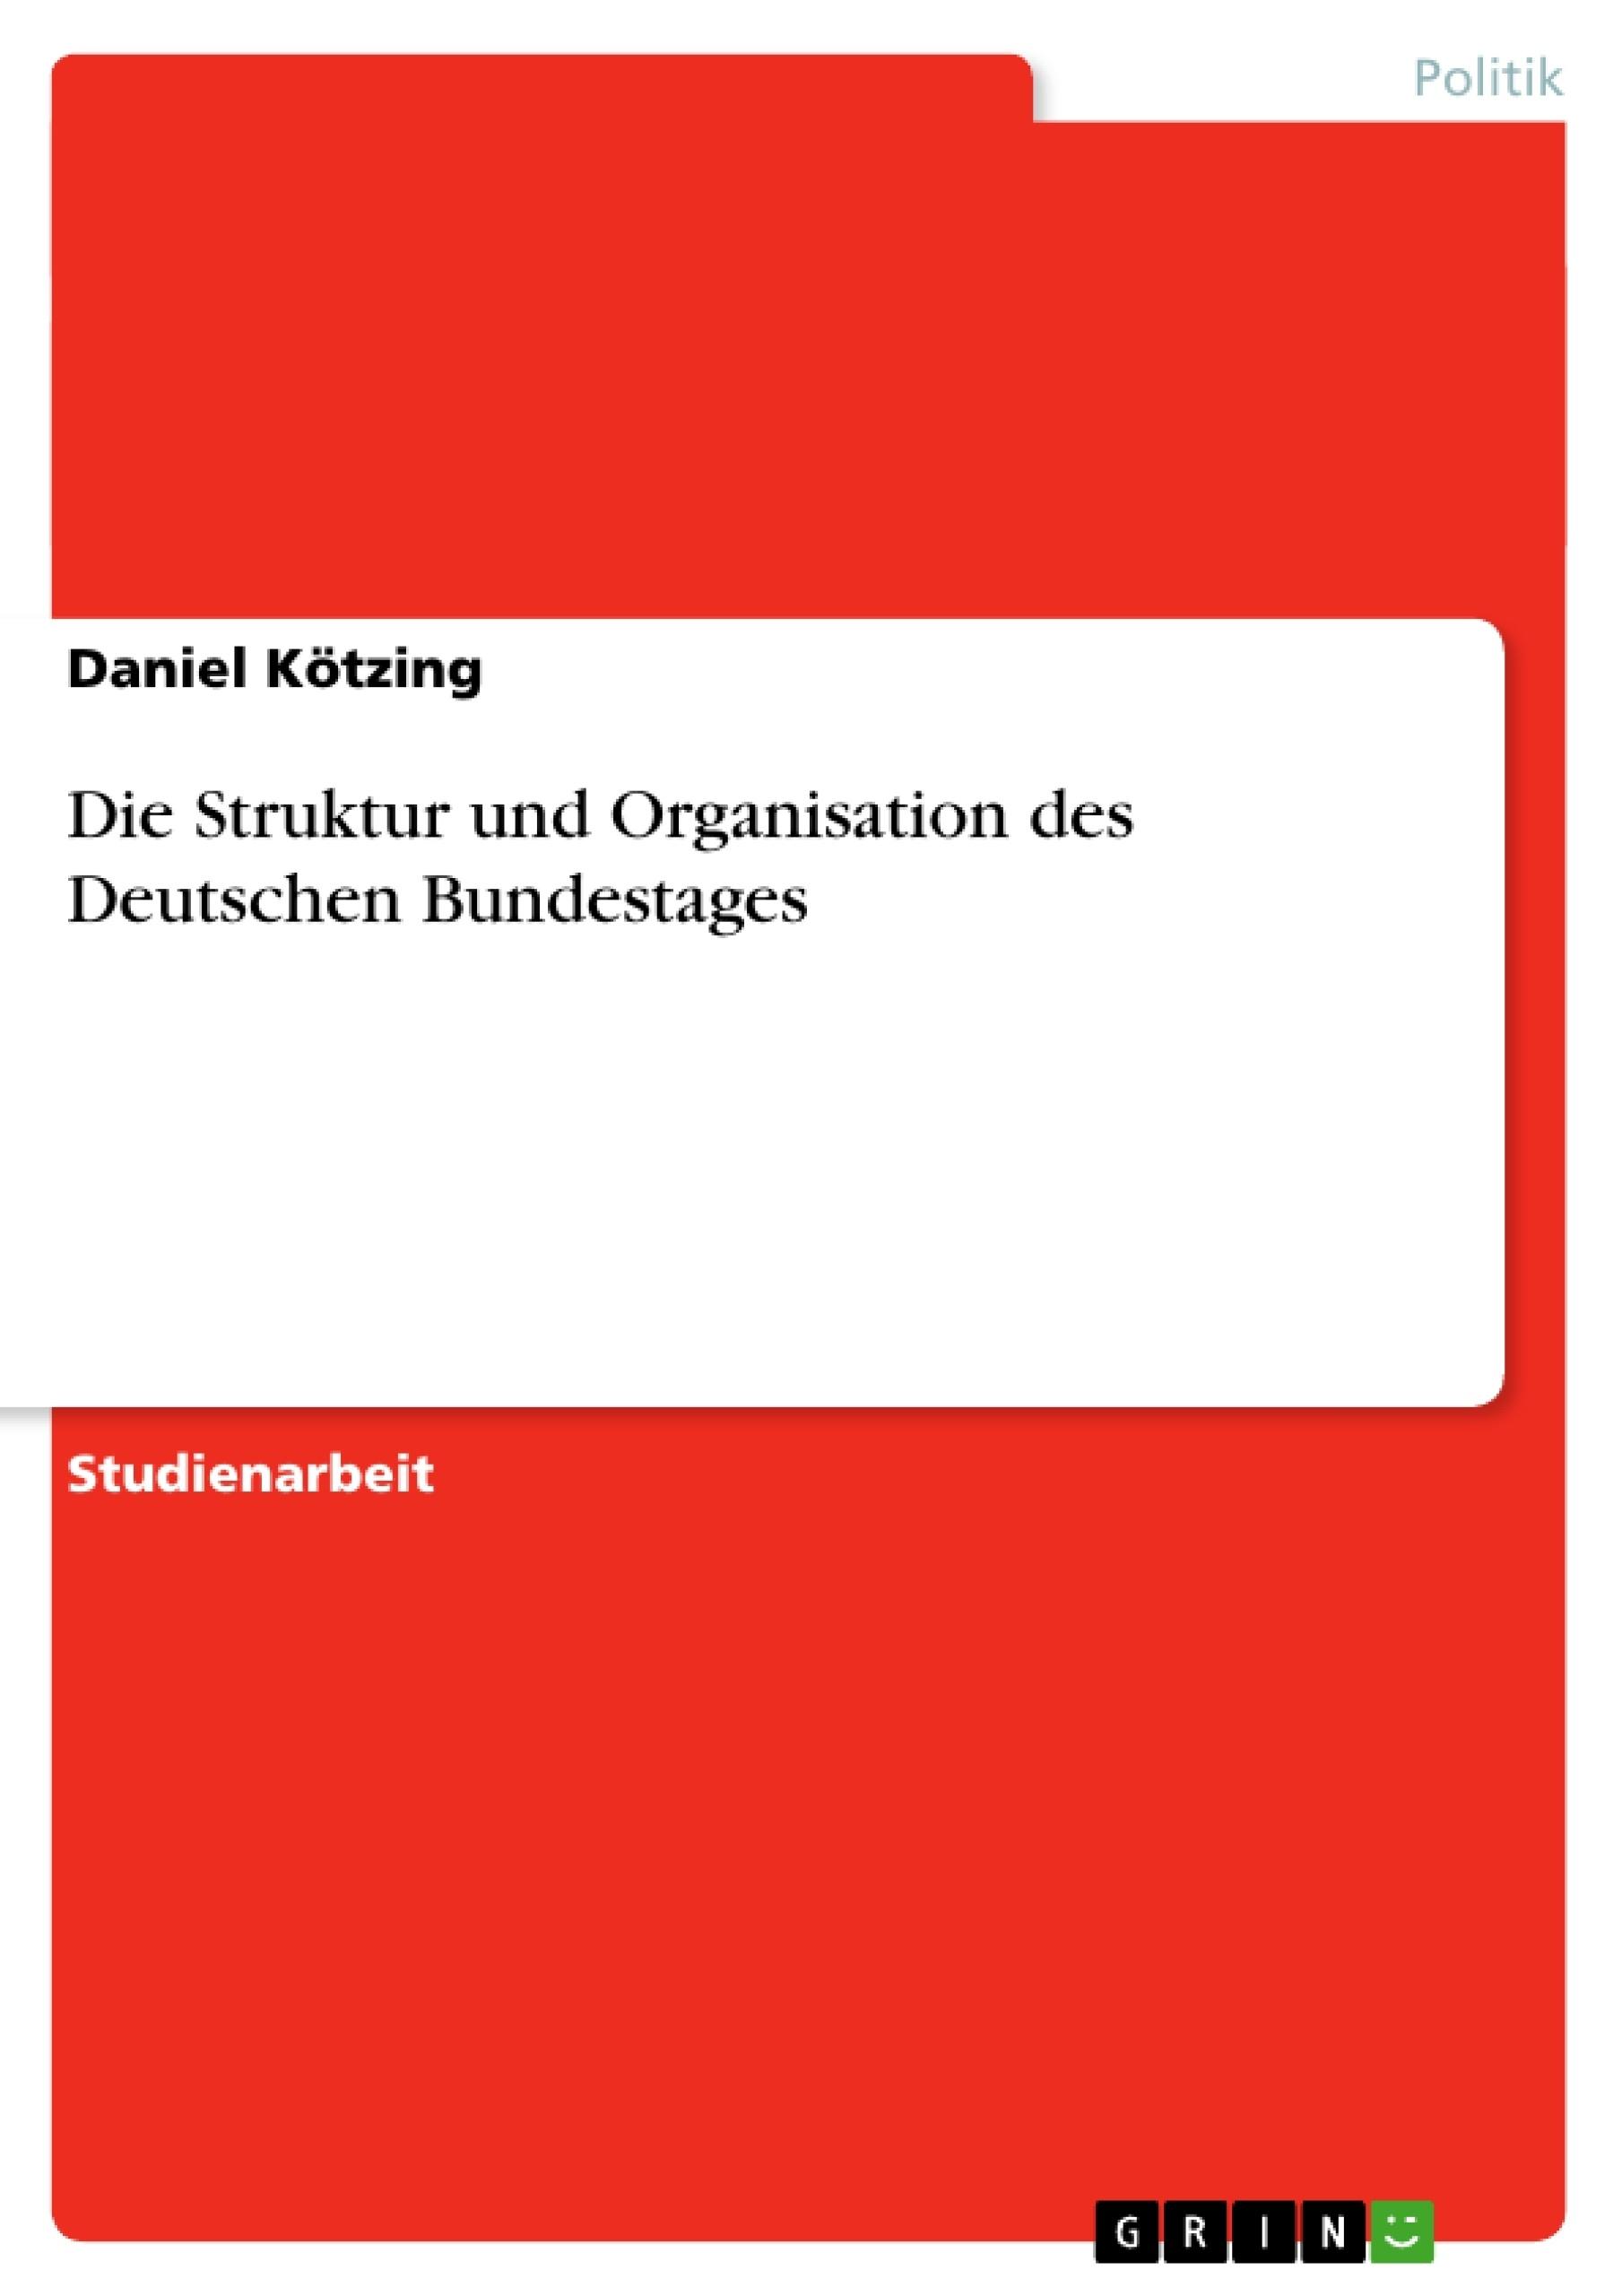 Titel: Die Struktur und Organisation des Deutschen Bundestages